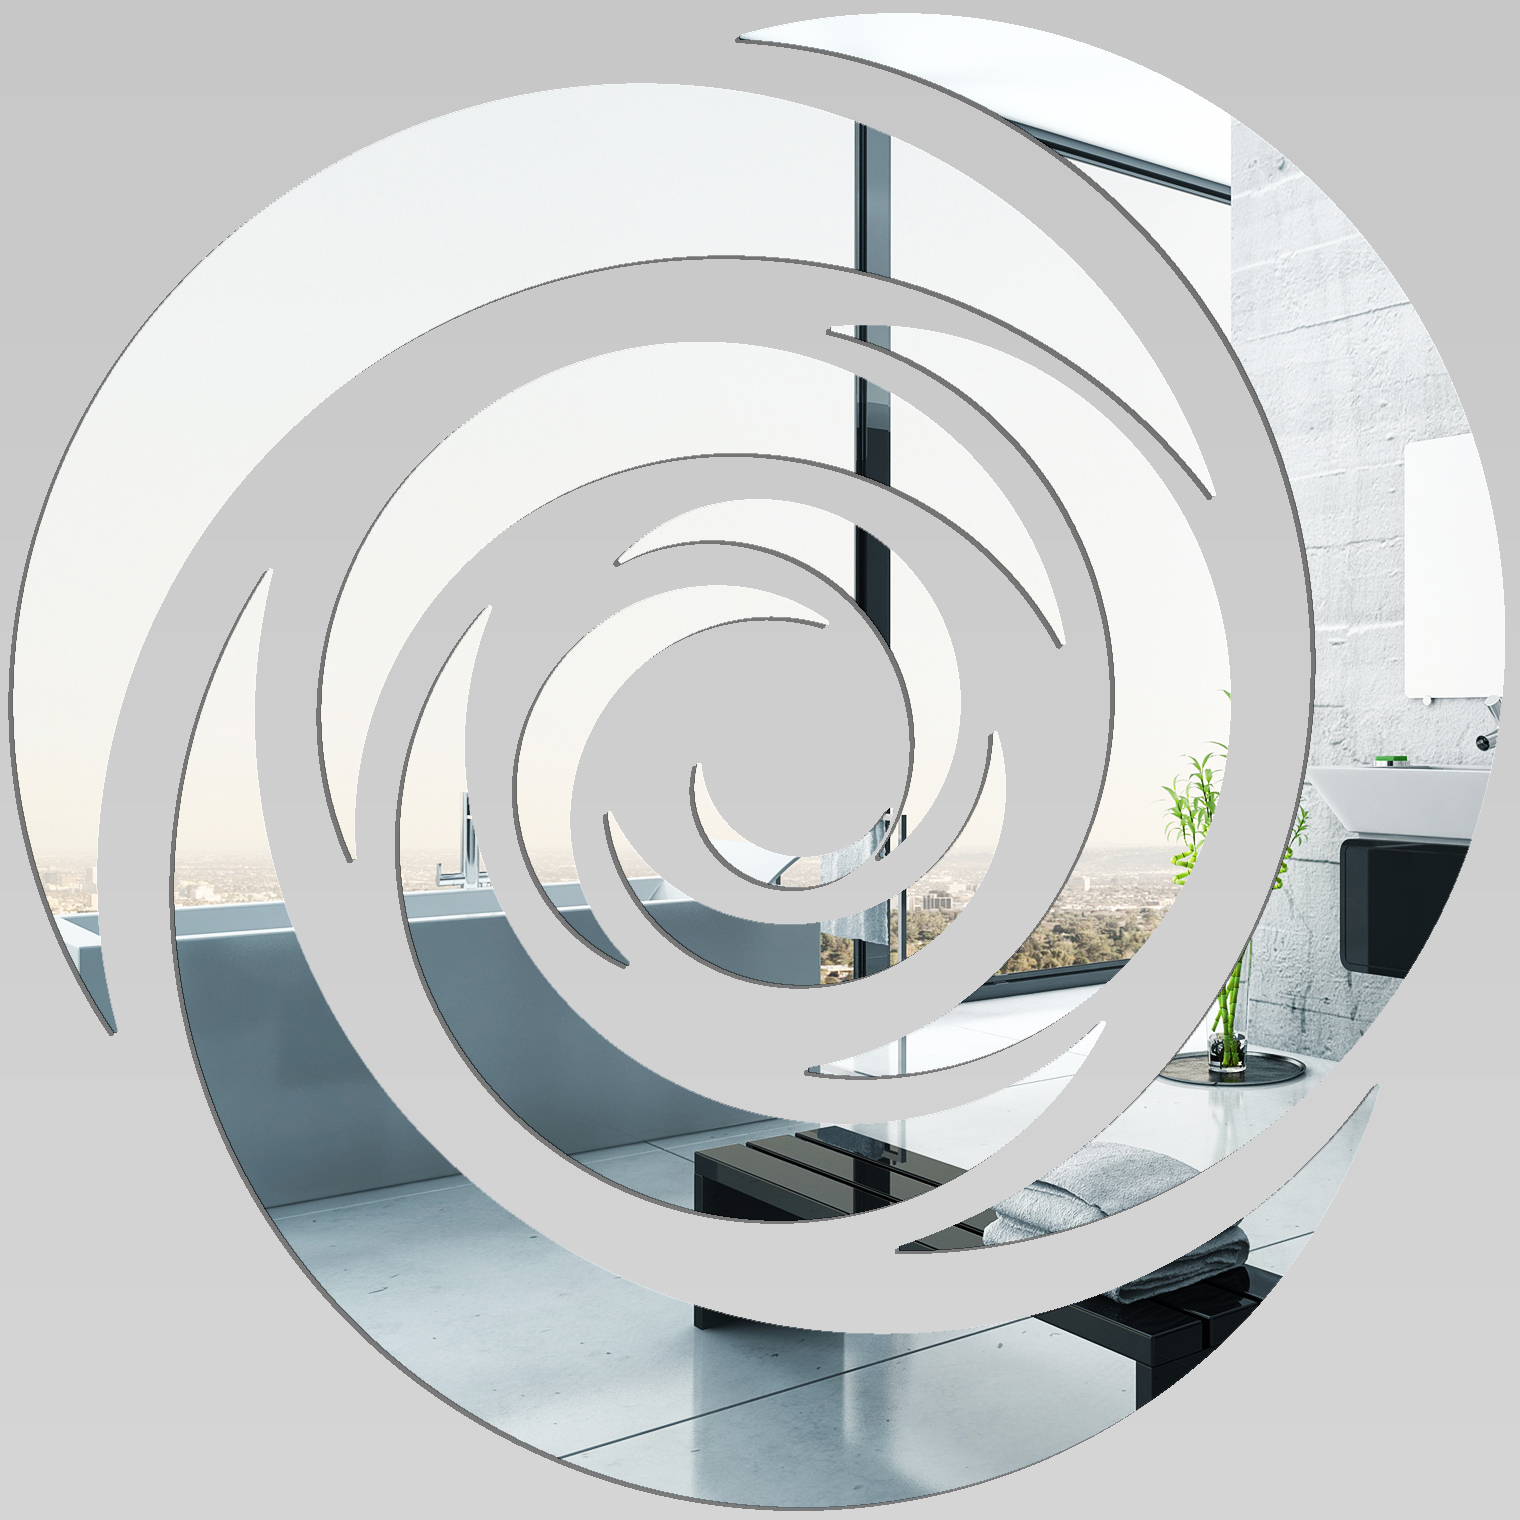 Miroir plexiglass acrylique rose design pas cher - Miroir pas cher design ...